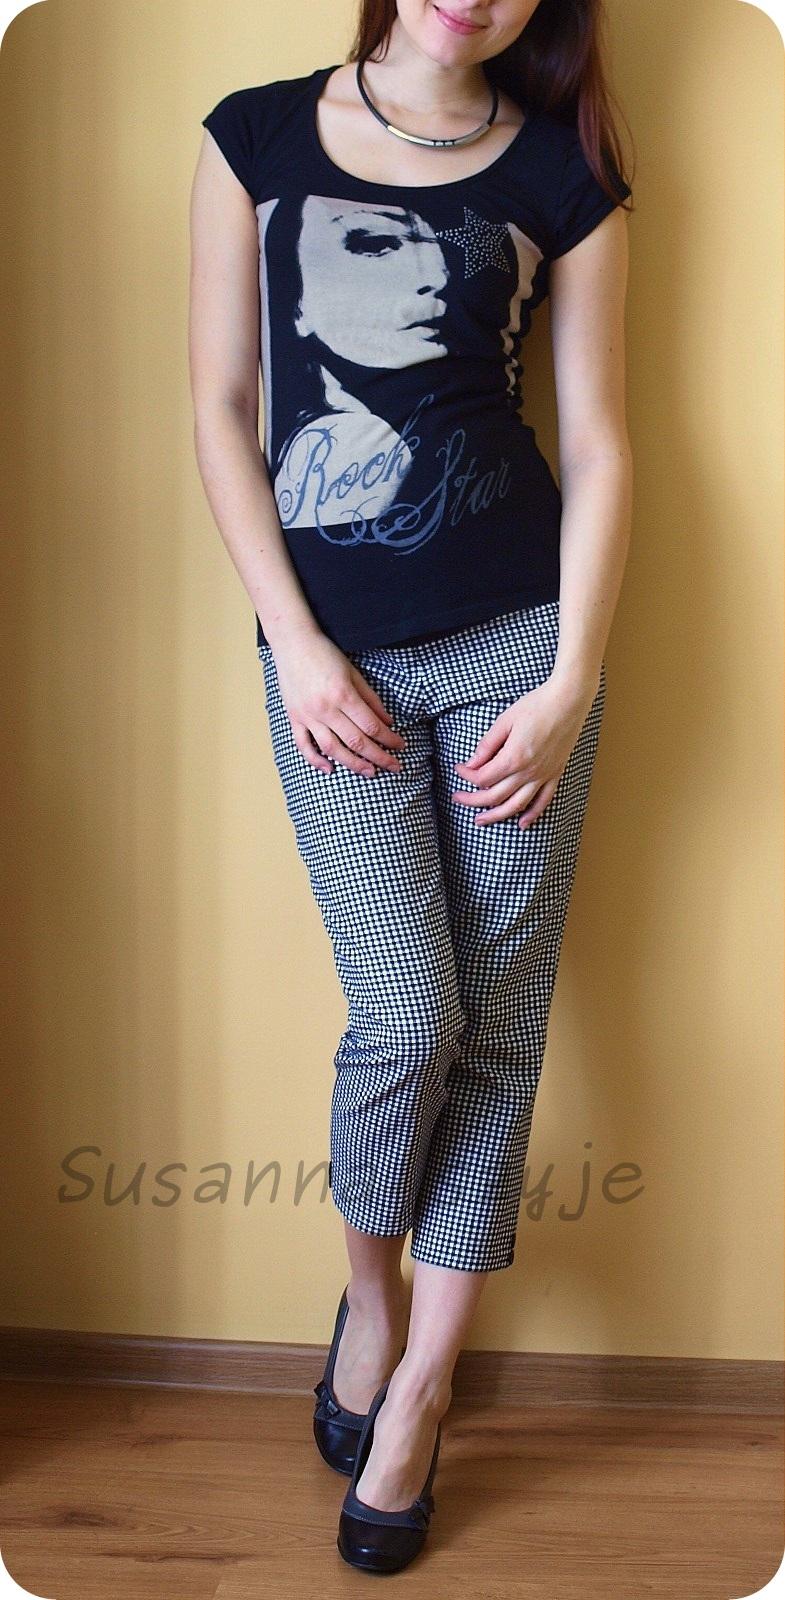 55686d0b Susanna szyje: Pepitka nie każdemu w smak - spodnie ciążowe model ...